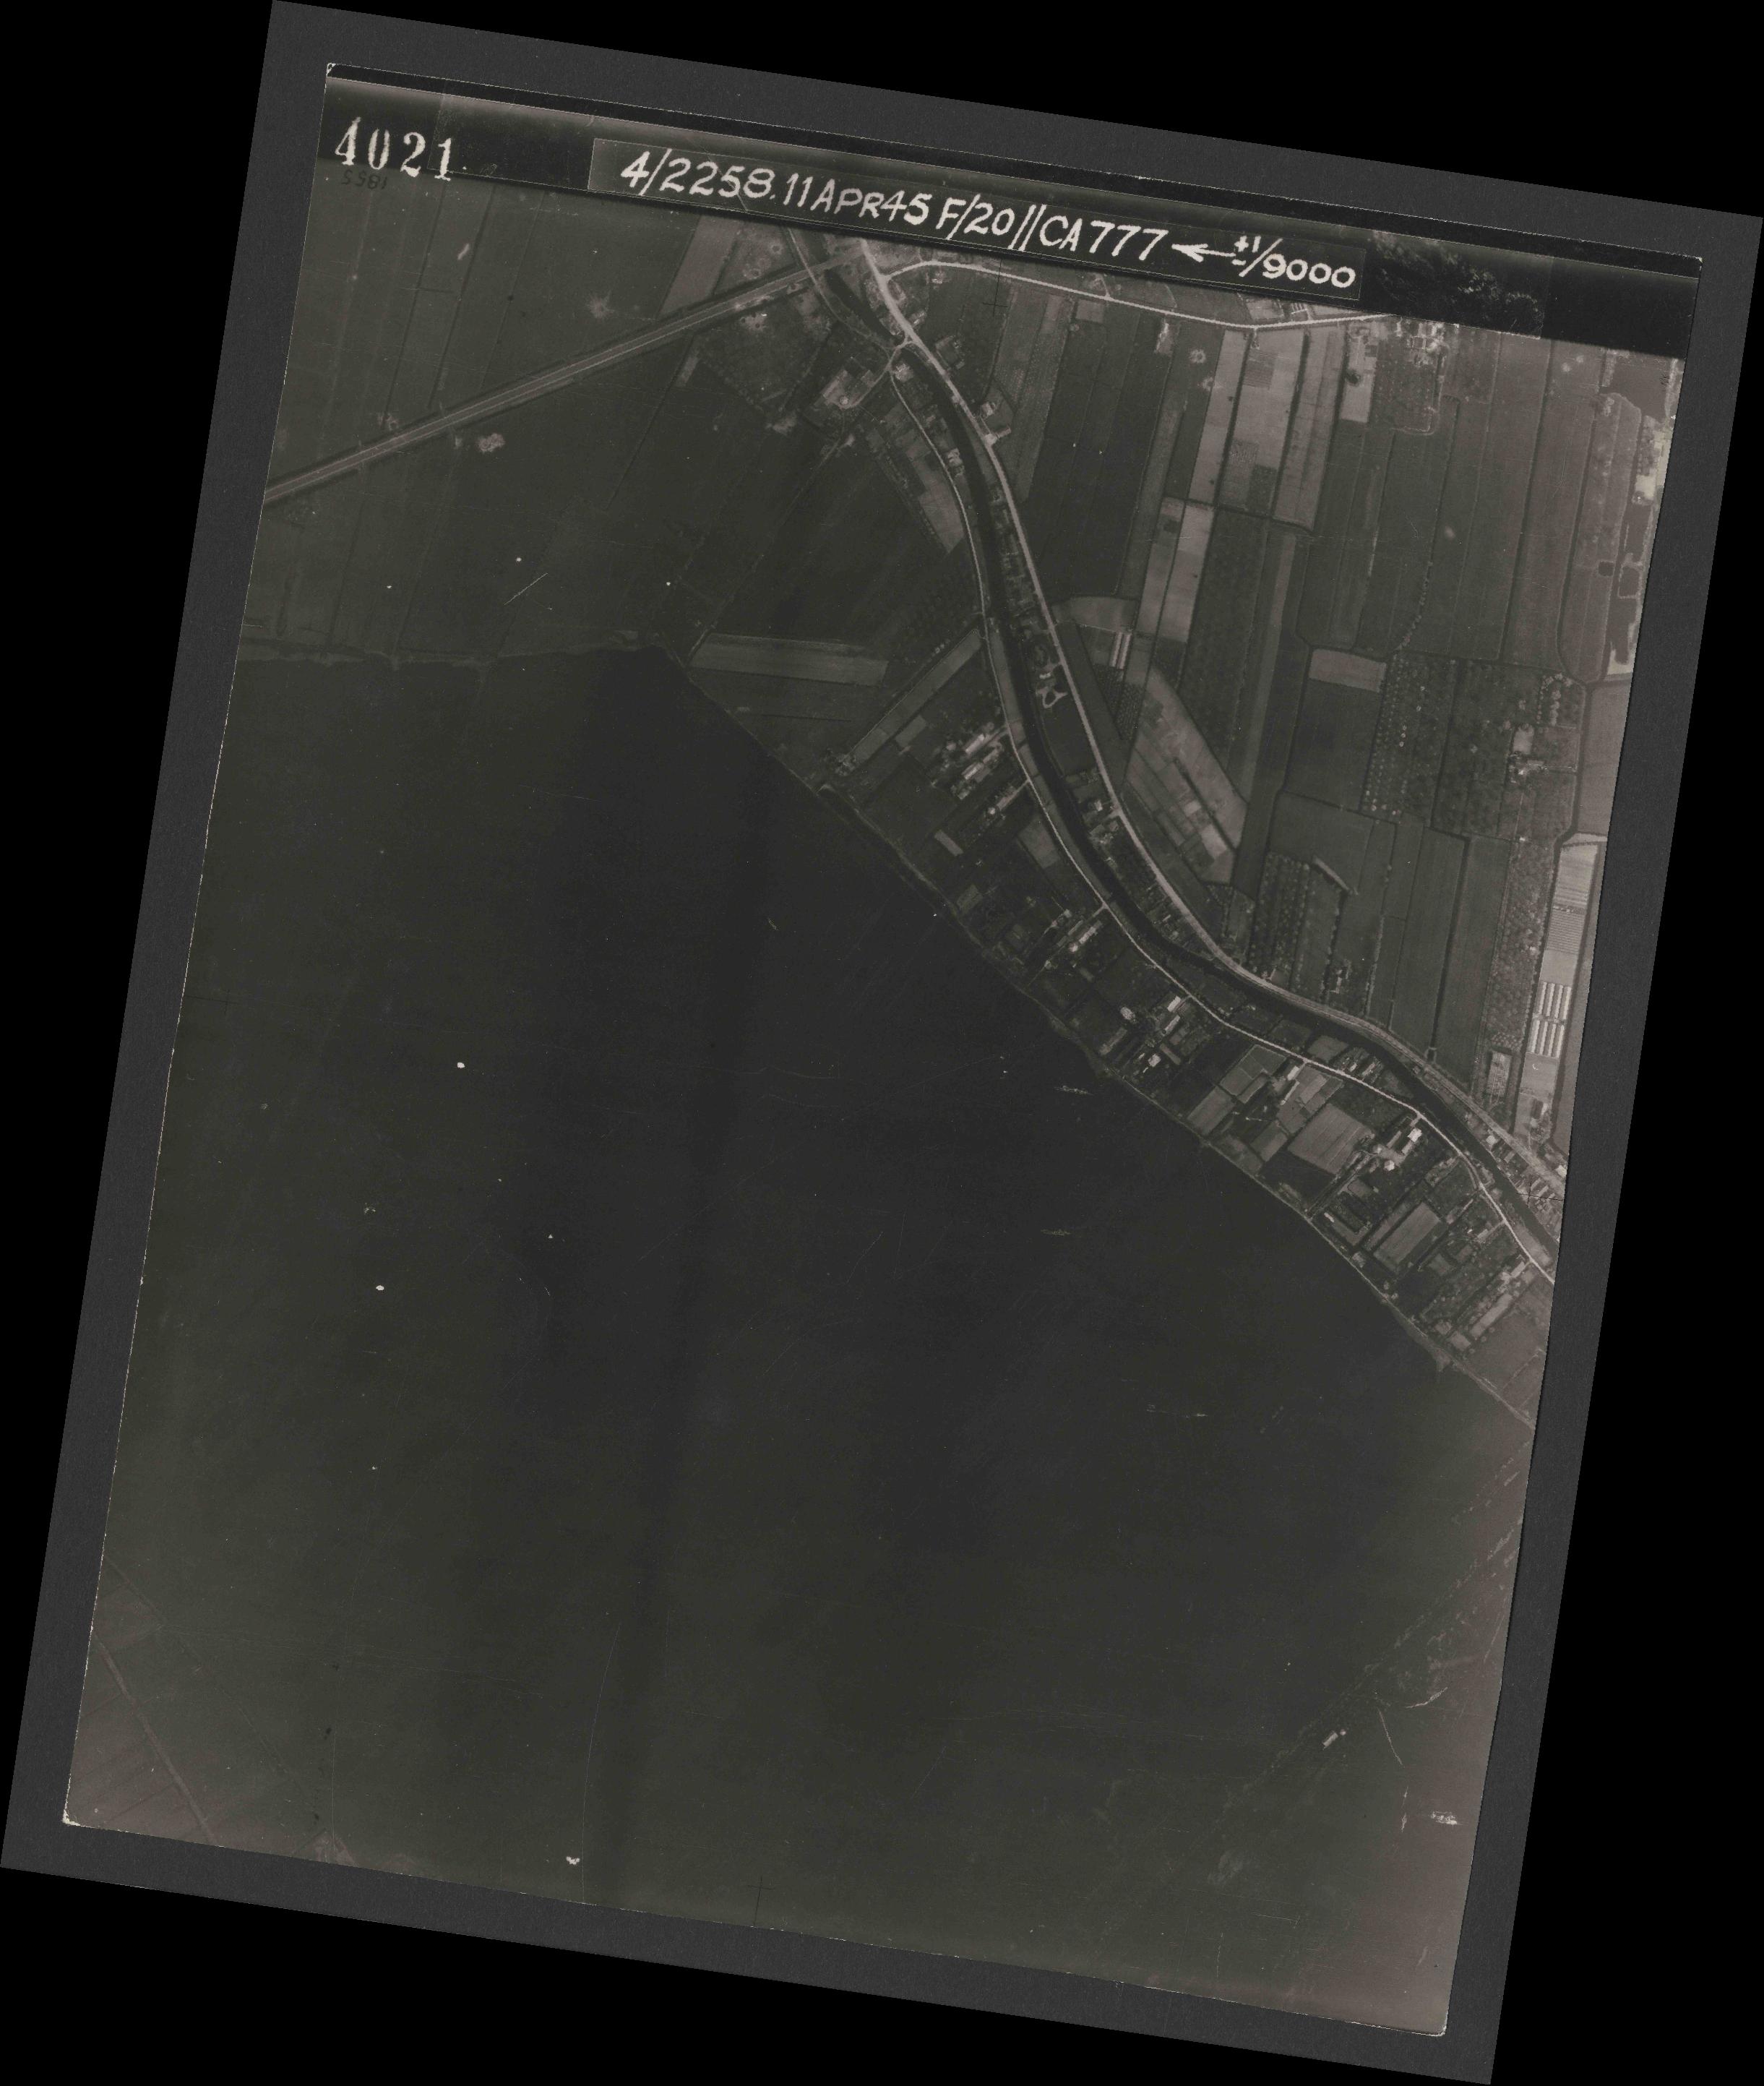 Collection RAF aerial photos 1940-1945 - flight 119, run 01, photo 4021